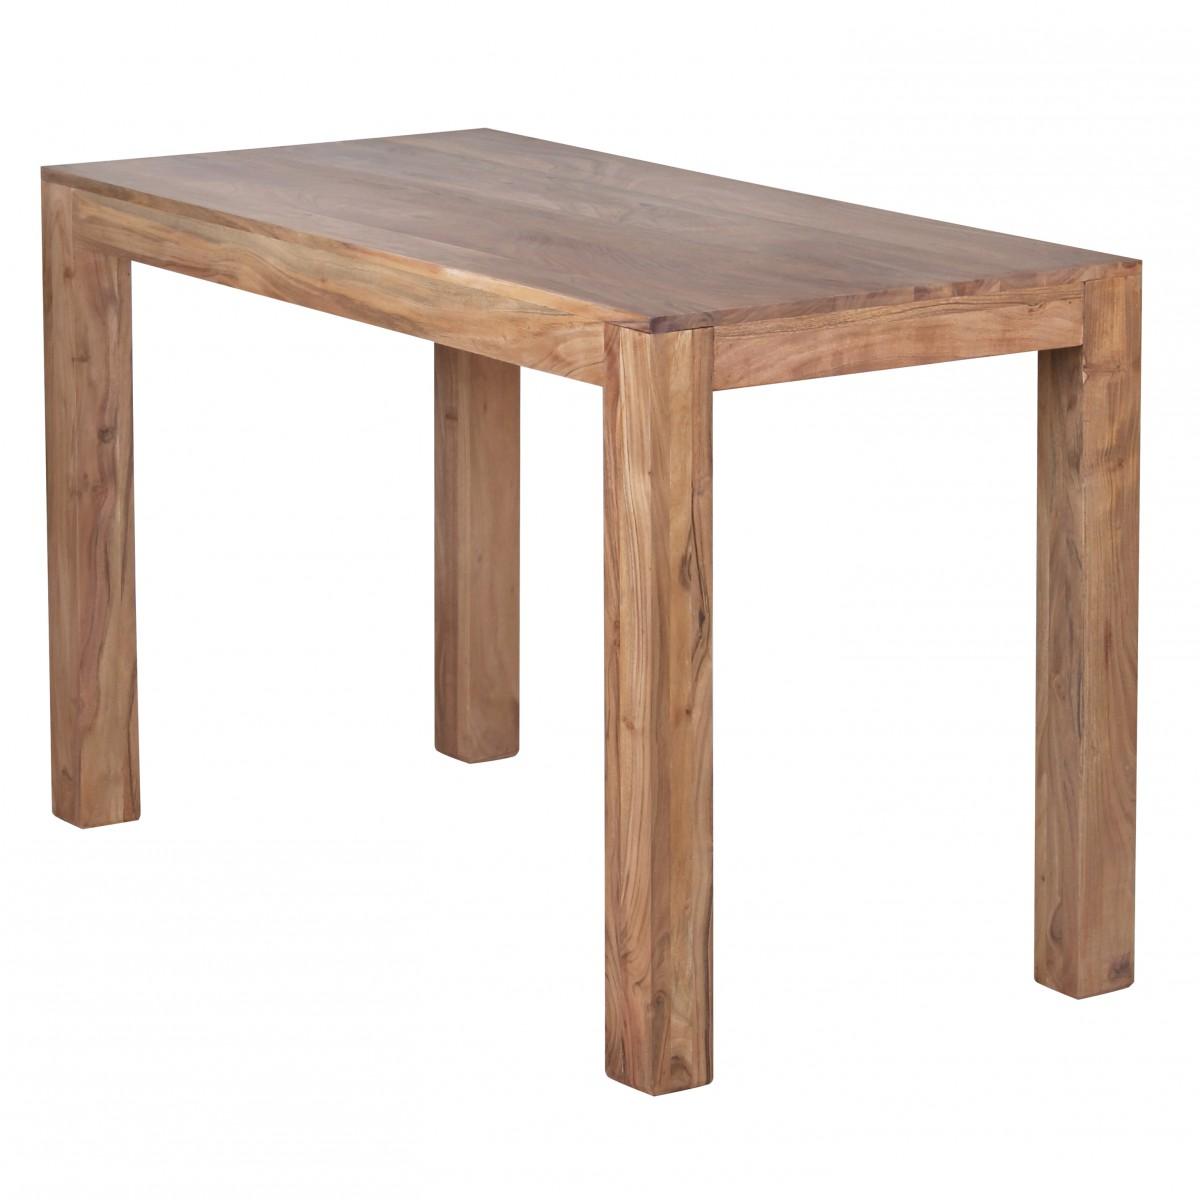 Wohnling esstisch massivholz akazie 120 cm esszimmer tisch for Esstisch 120